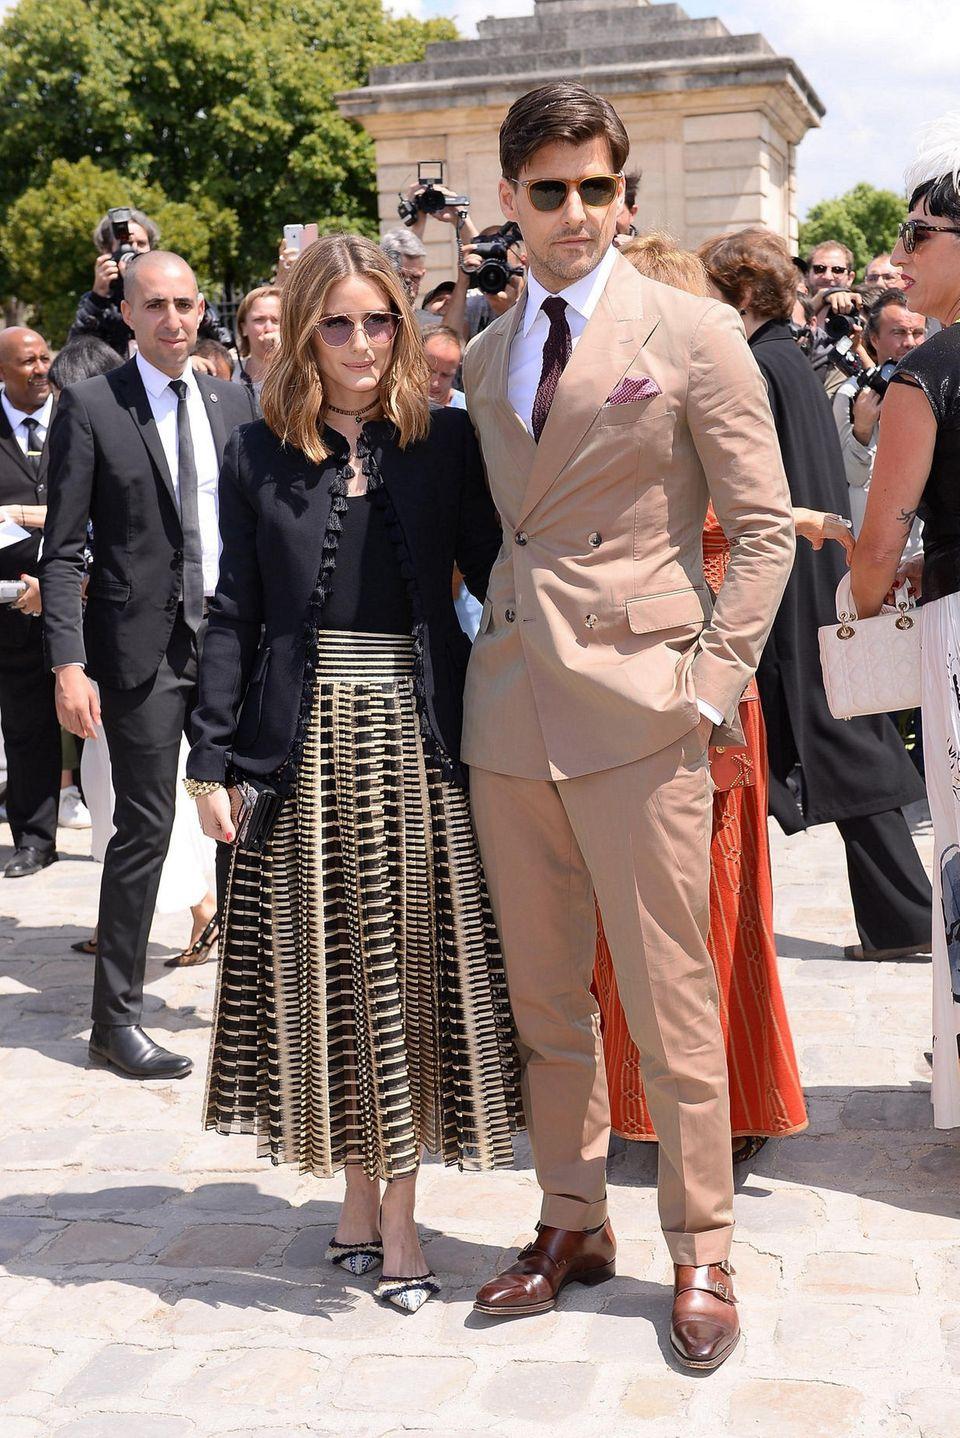 Olivia Palermo und Johannes Huebl, das Style-Paar schlechthin, dürfen natürlich nicht fehlen.